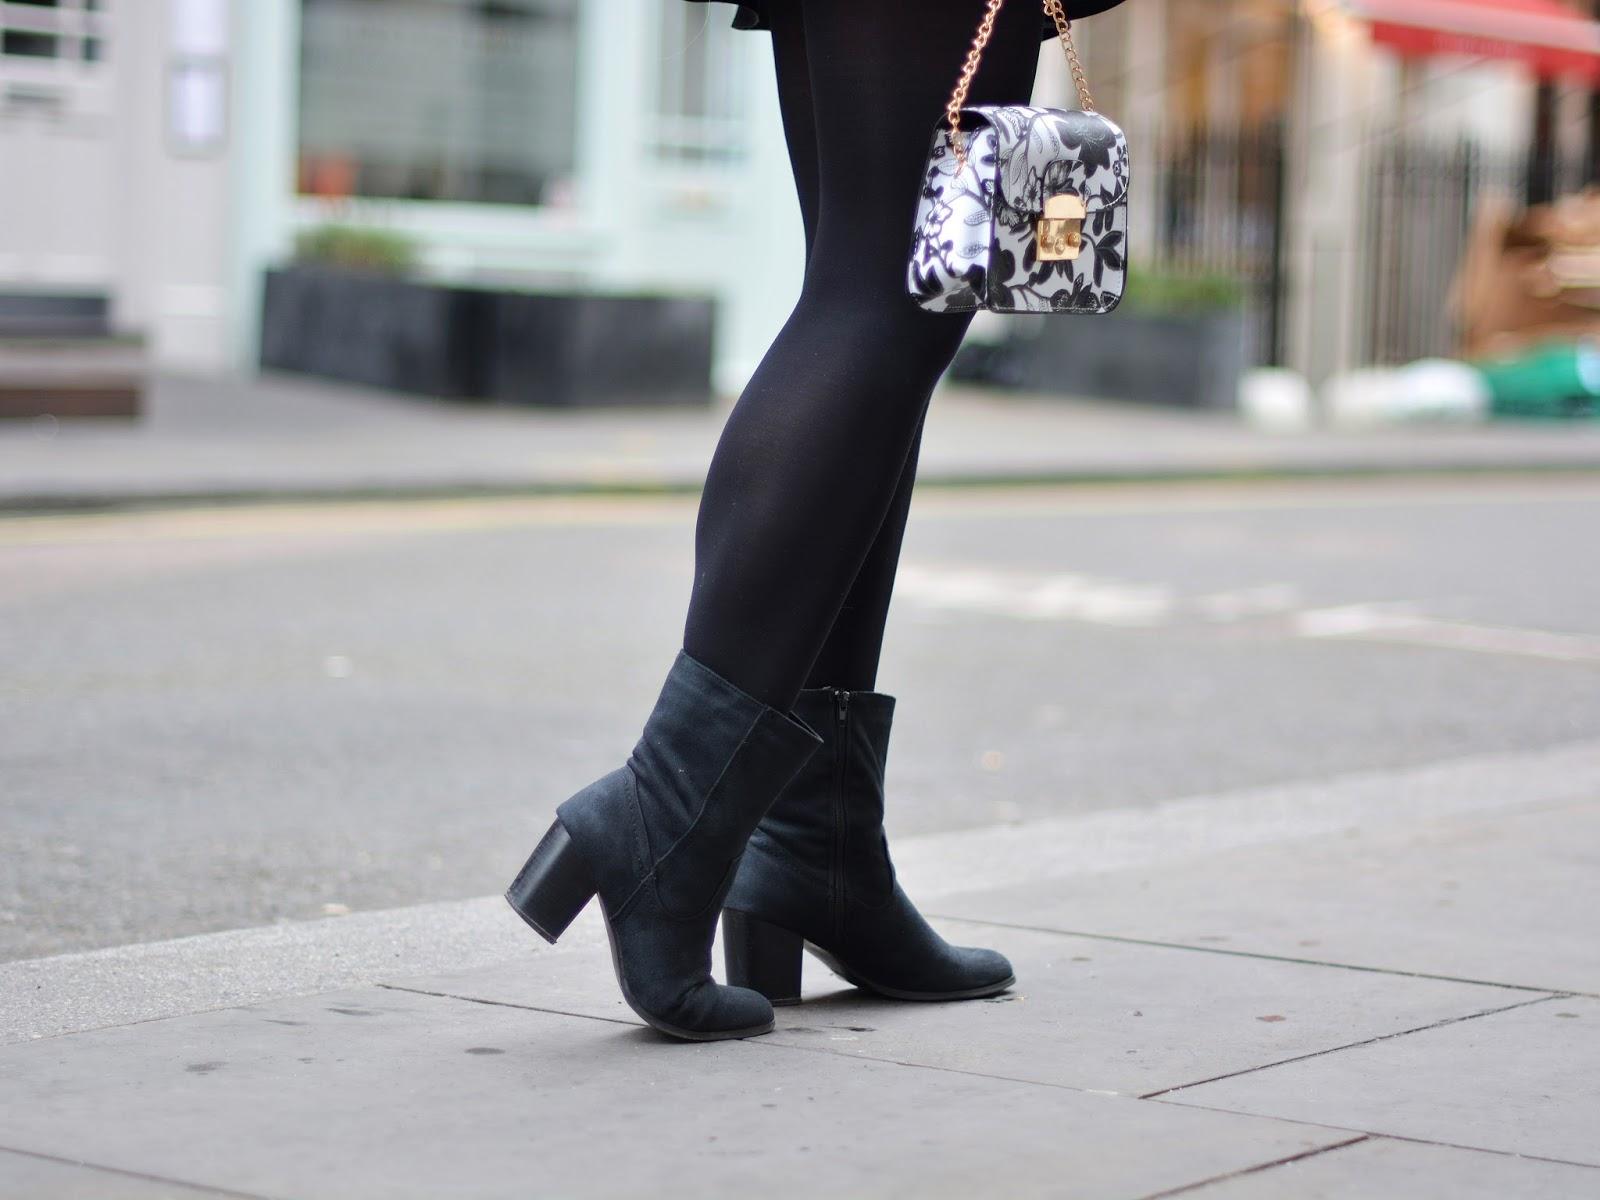 czarne botki stylizacja